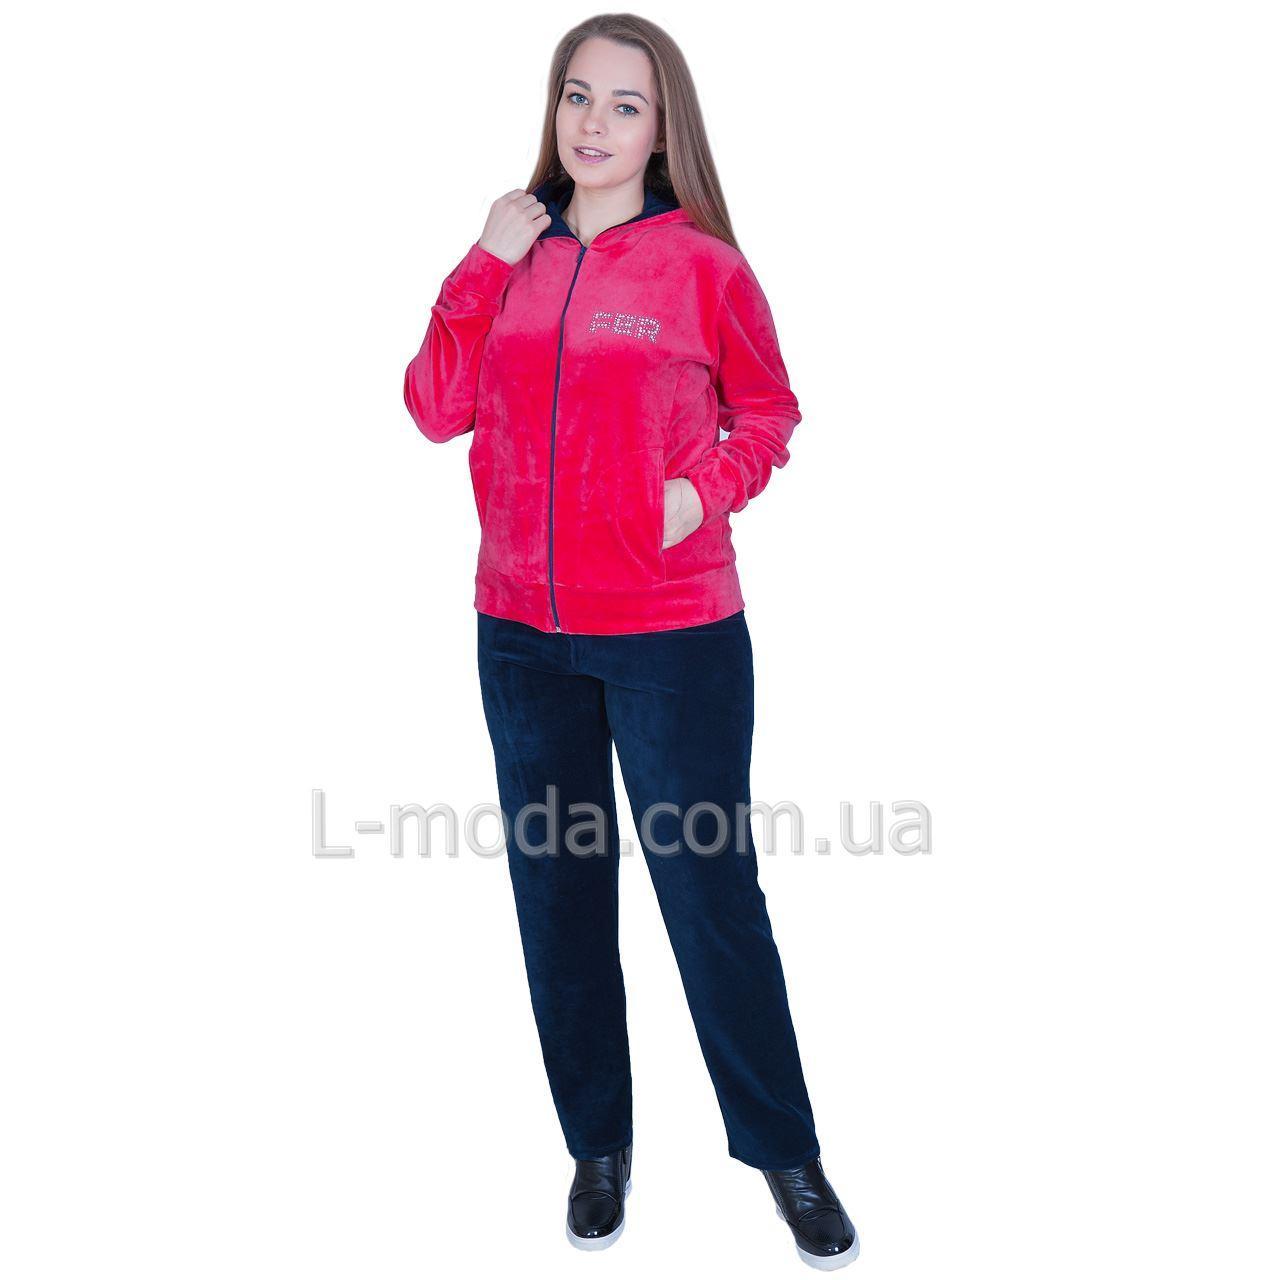 Спортивный костюм женский велюровый opt-52475